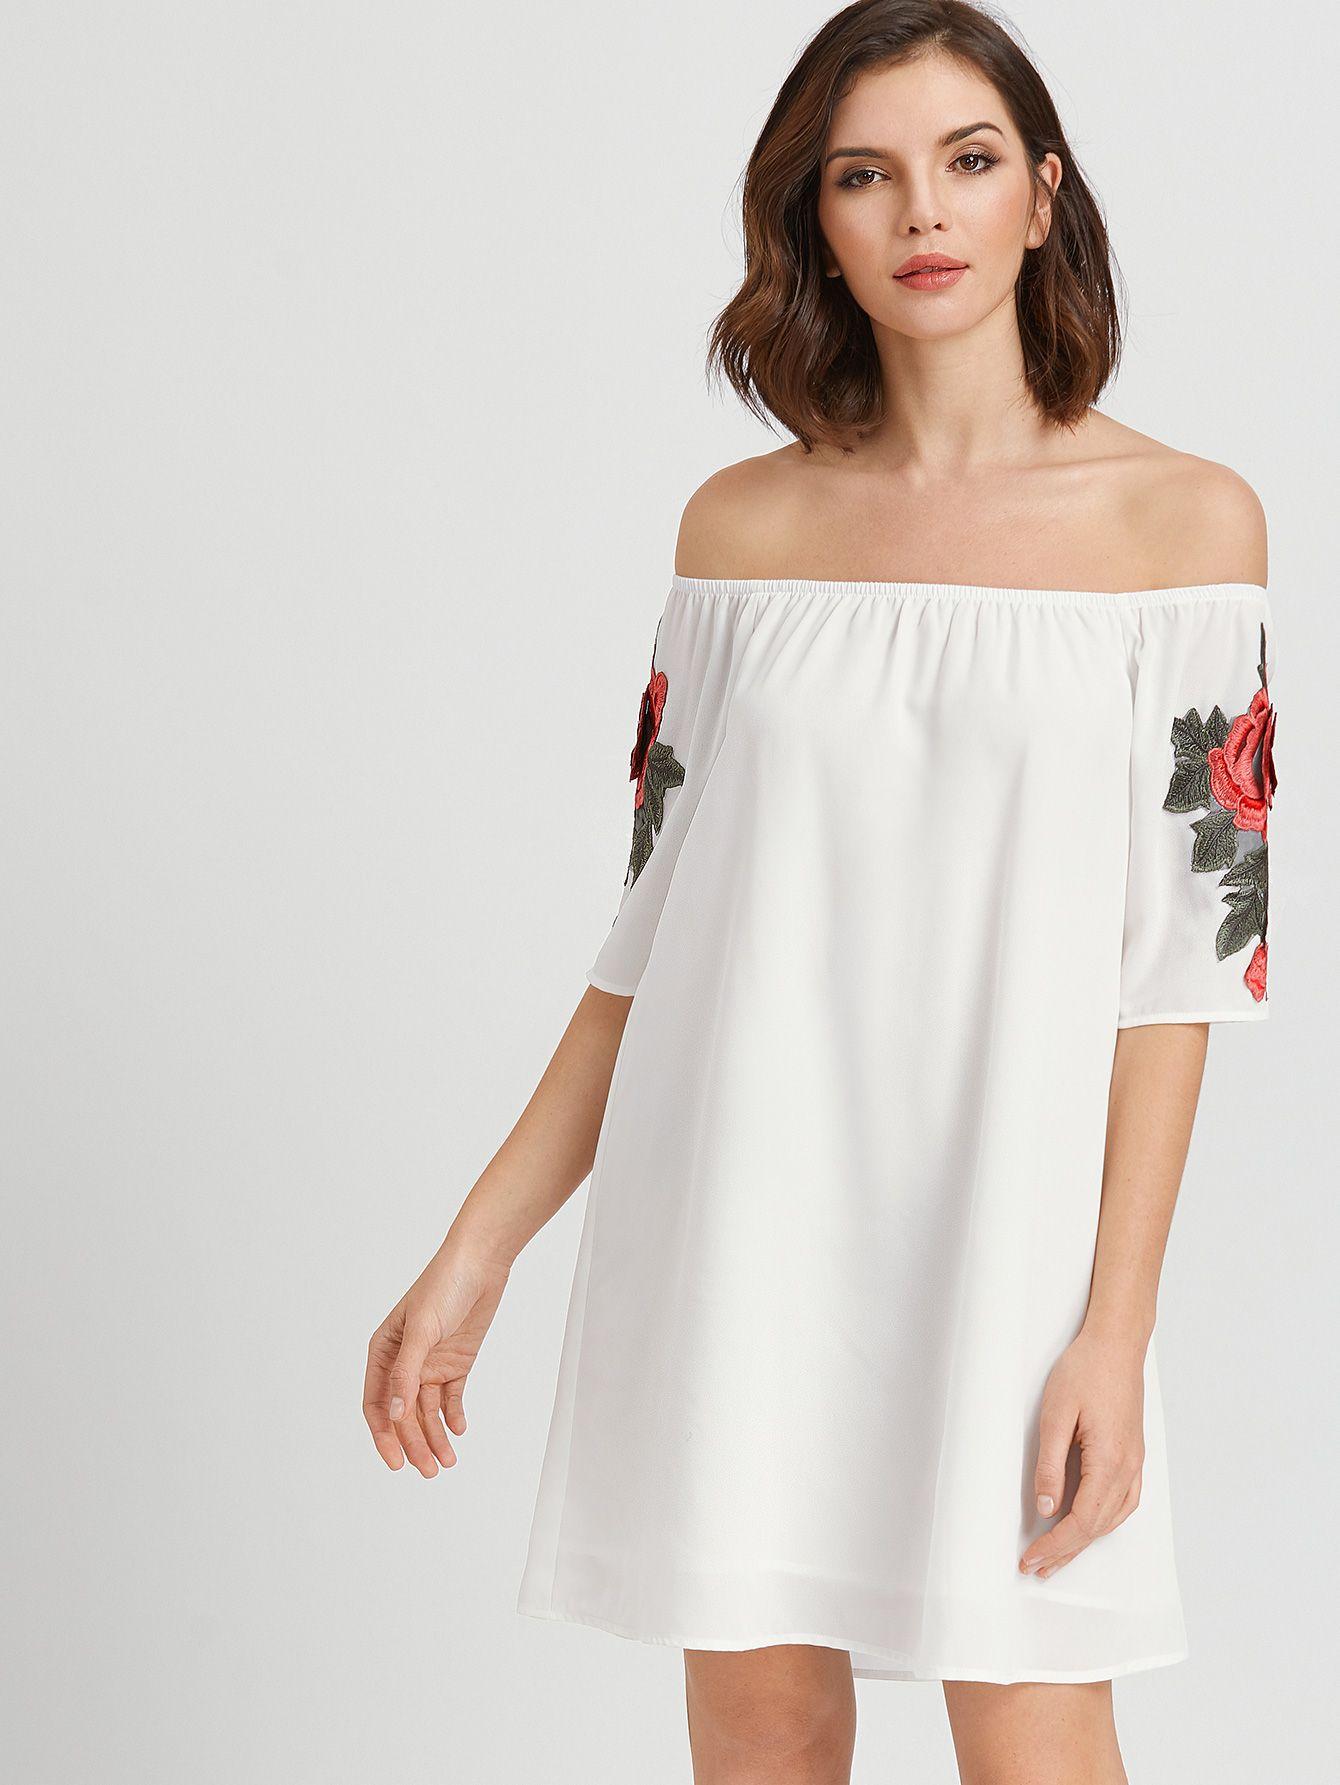 6bdda0544d Shop White Rose Applique Off The Shoulder Dress online. SheIn offers White  Rose Applique Off